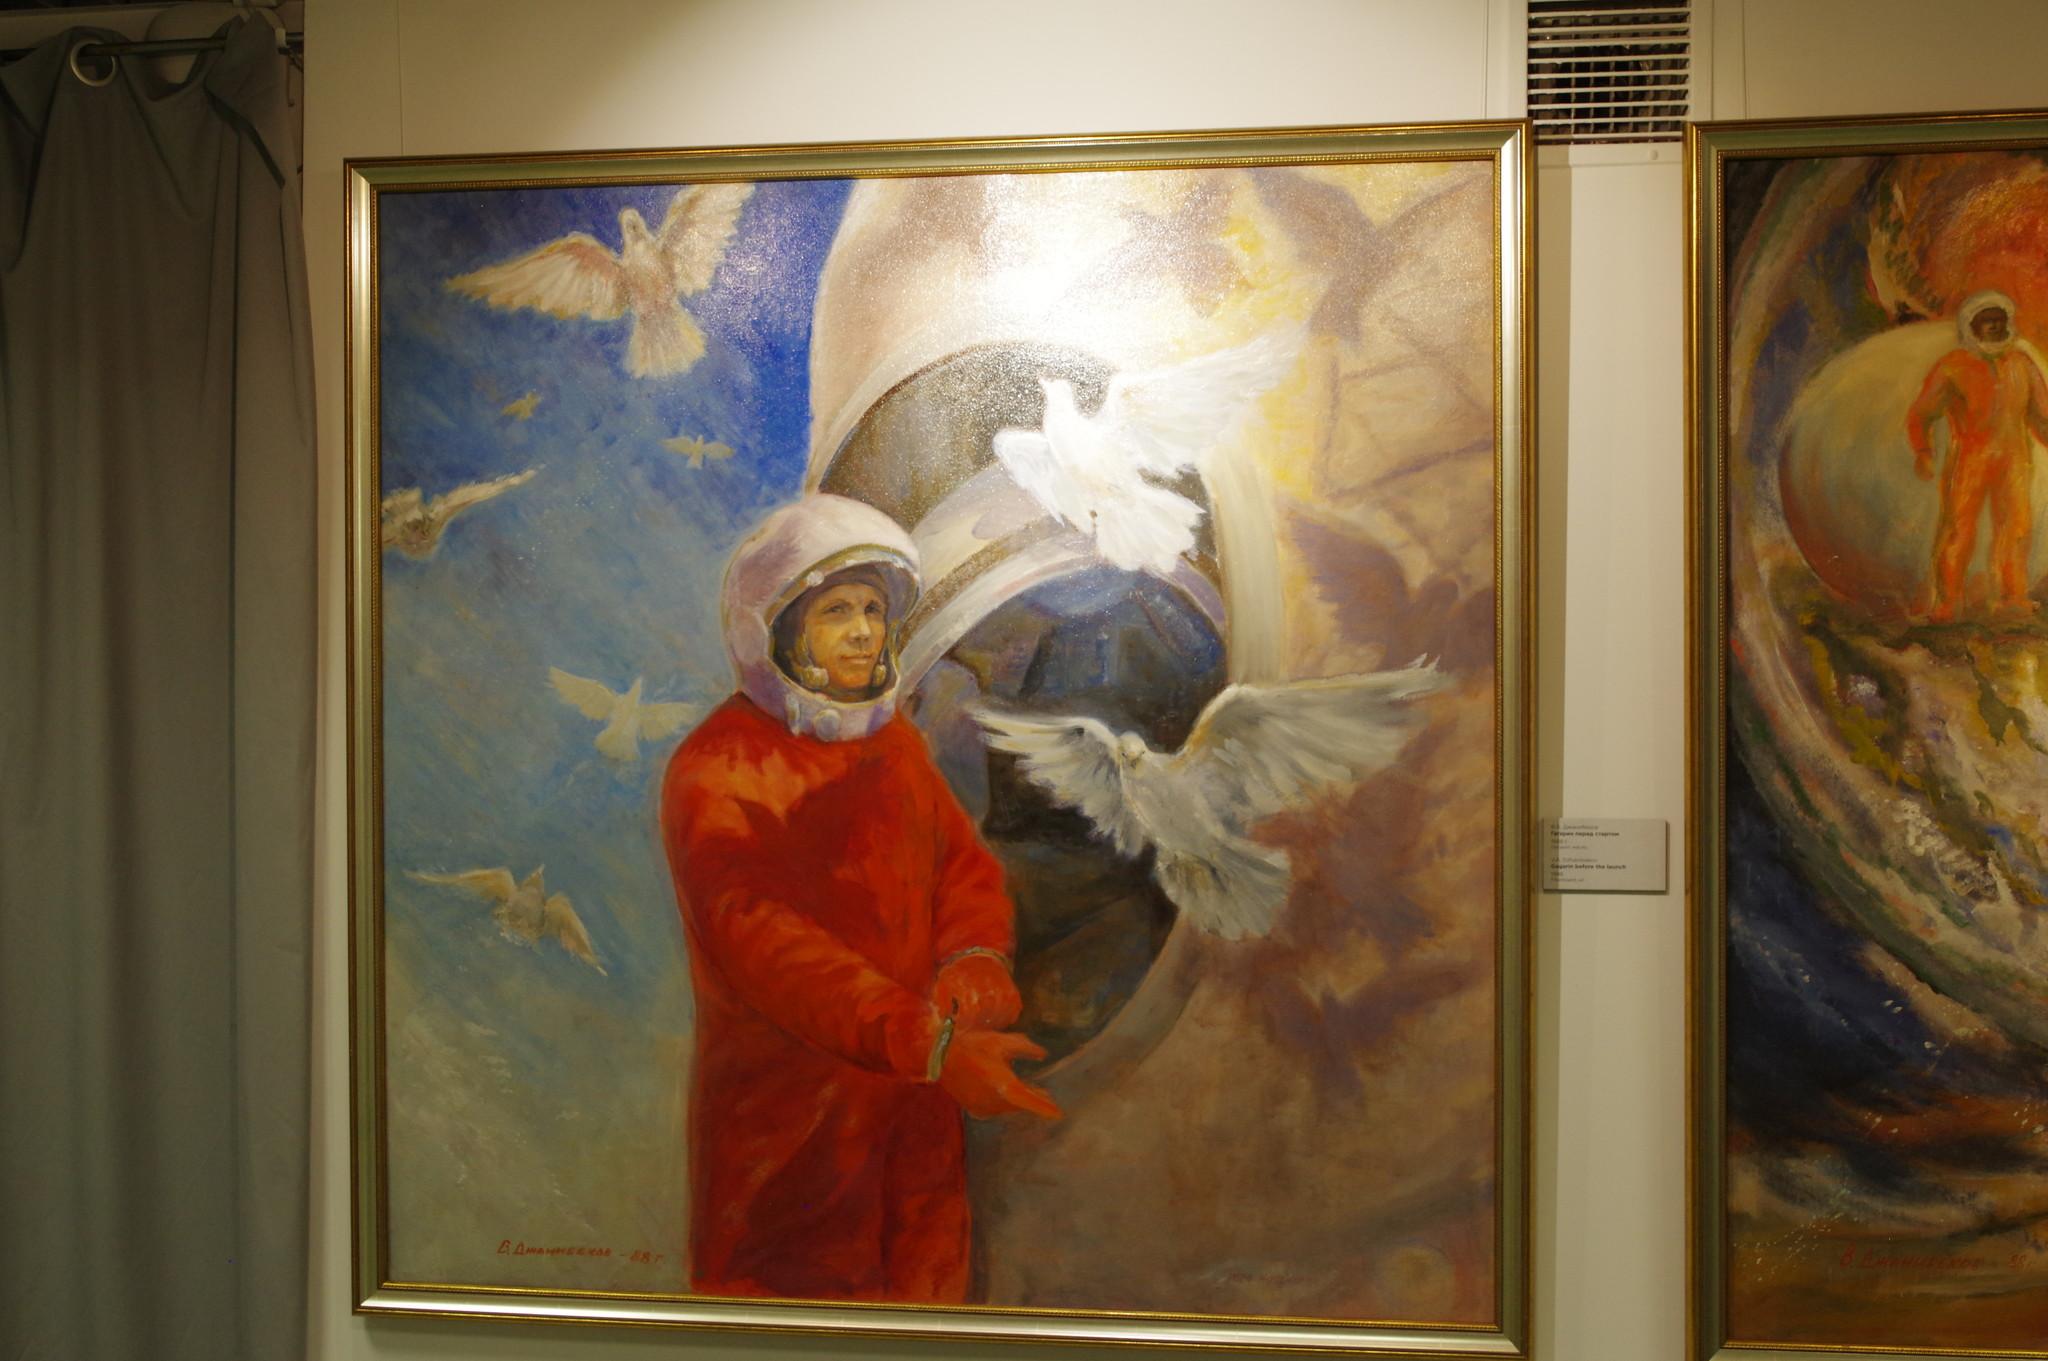 Гагарин перед стартом. 1988 г. В.А. Джанибеков. Оргалит, масло. Мемориальный музей космонавтики (Проспект мира, дом 111)